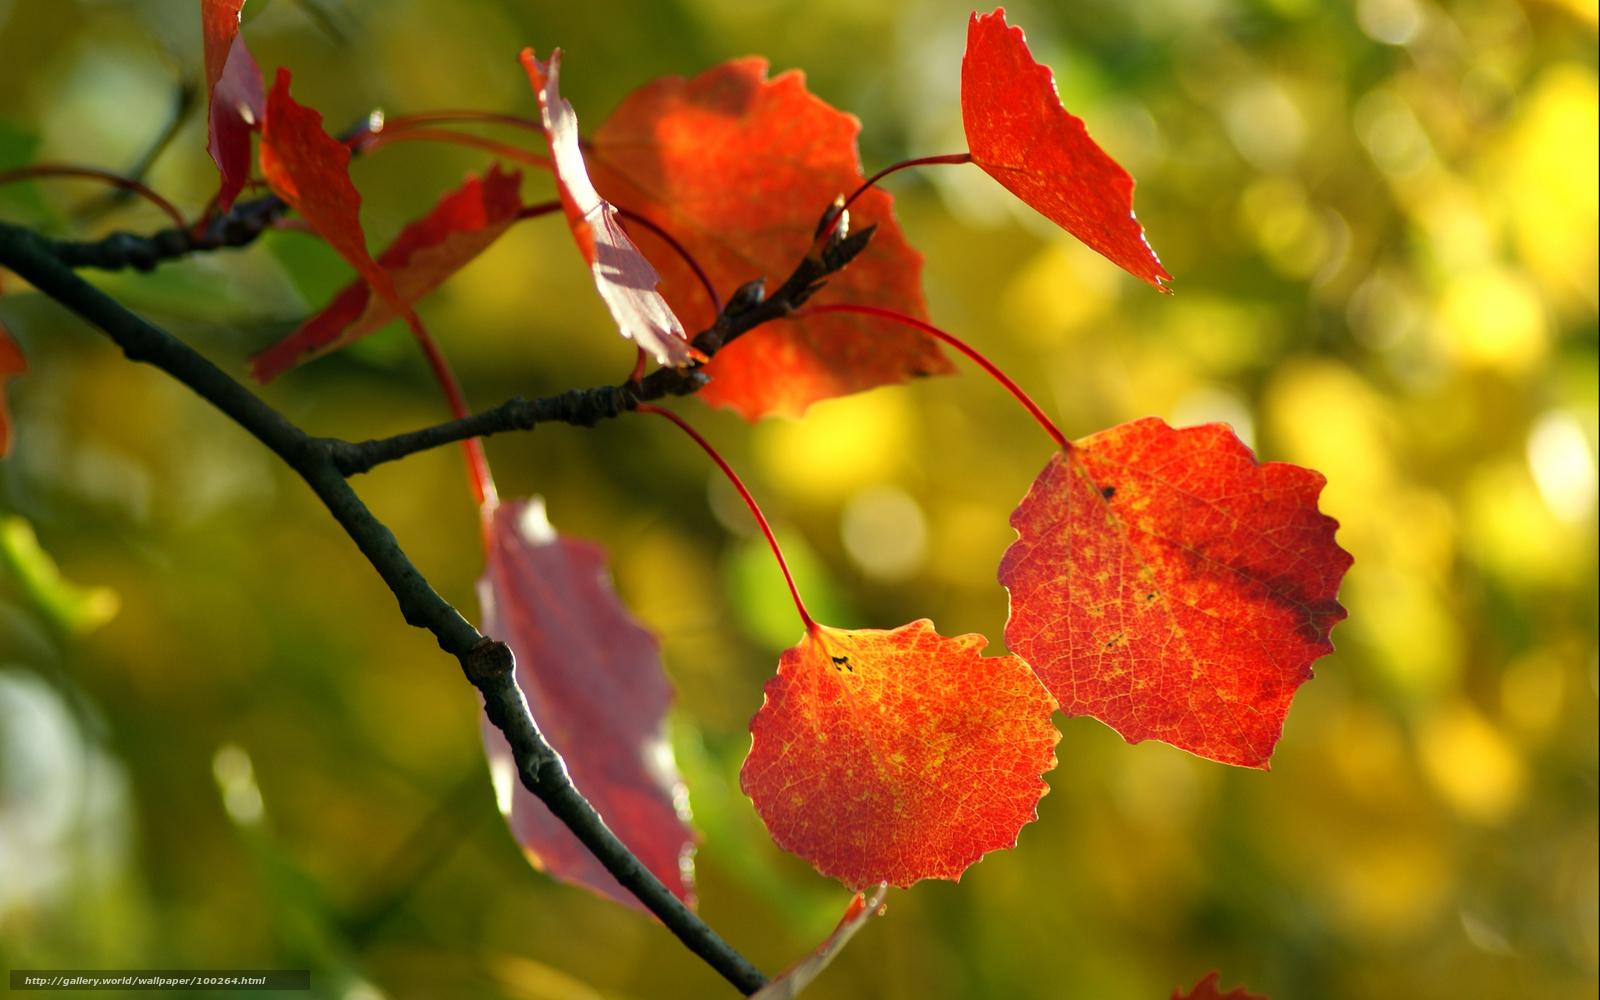 обои природа, красивые обои с природой ...: ru.gde-fon.com/download/priroda_krasivye-oboi-s-prirodoj_osen...